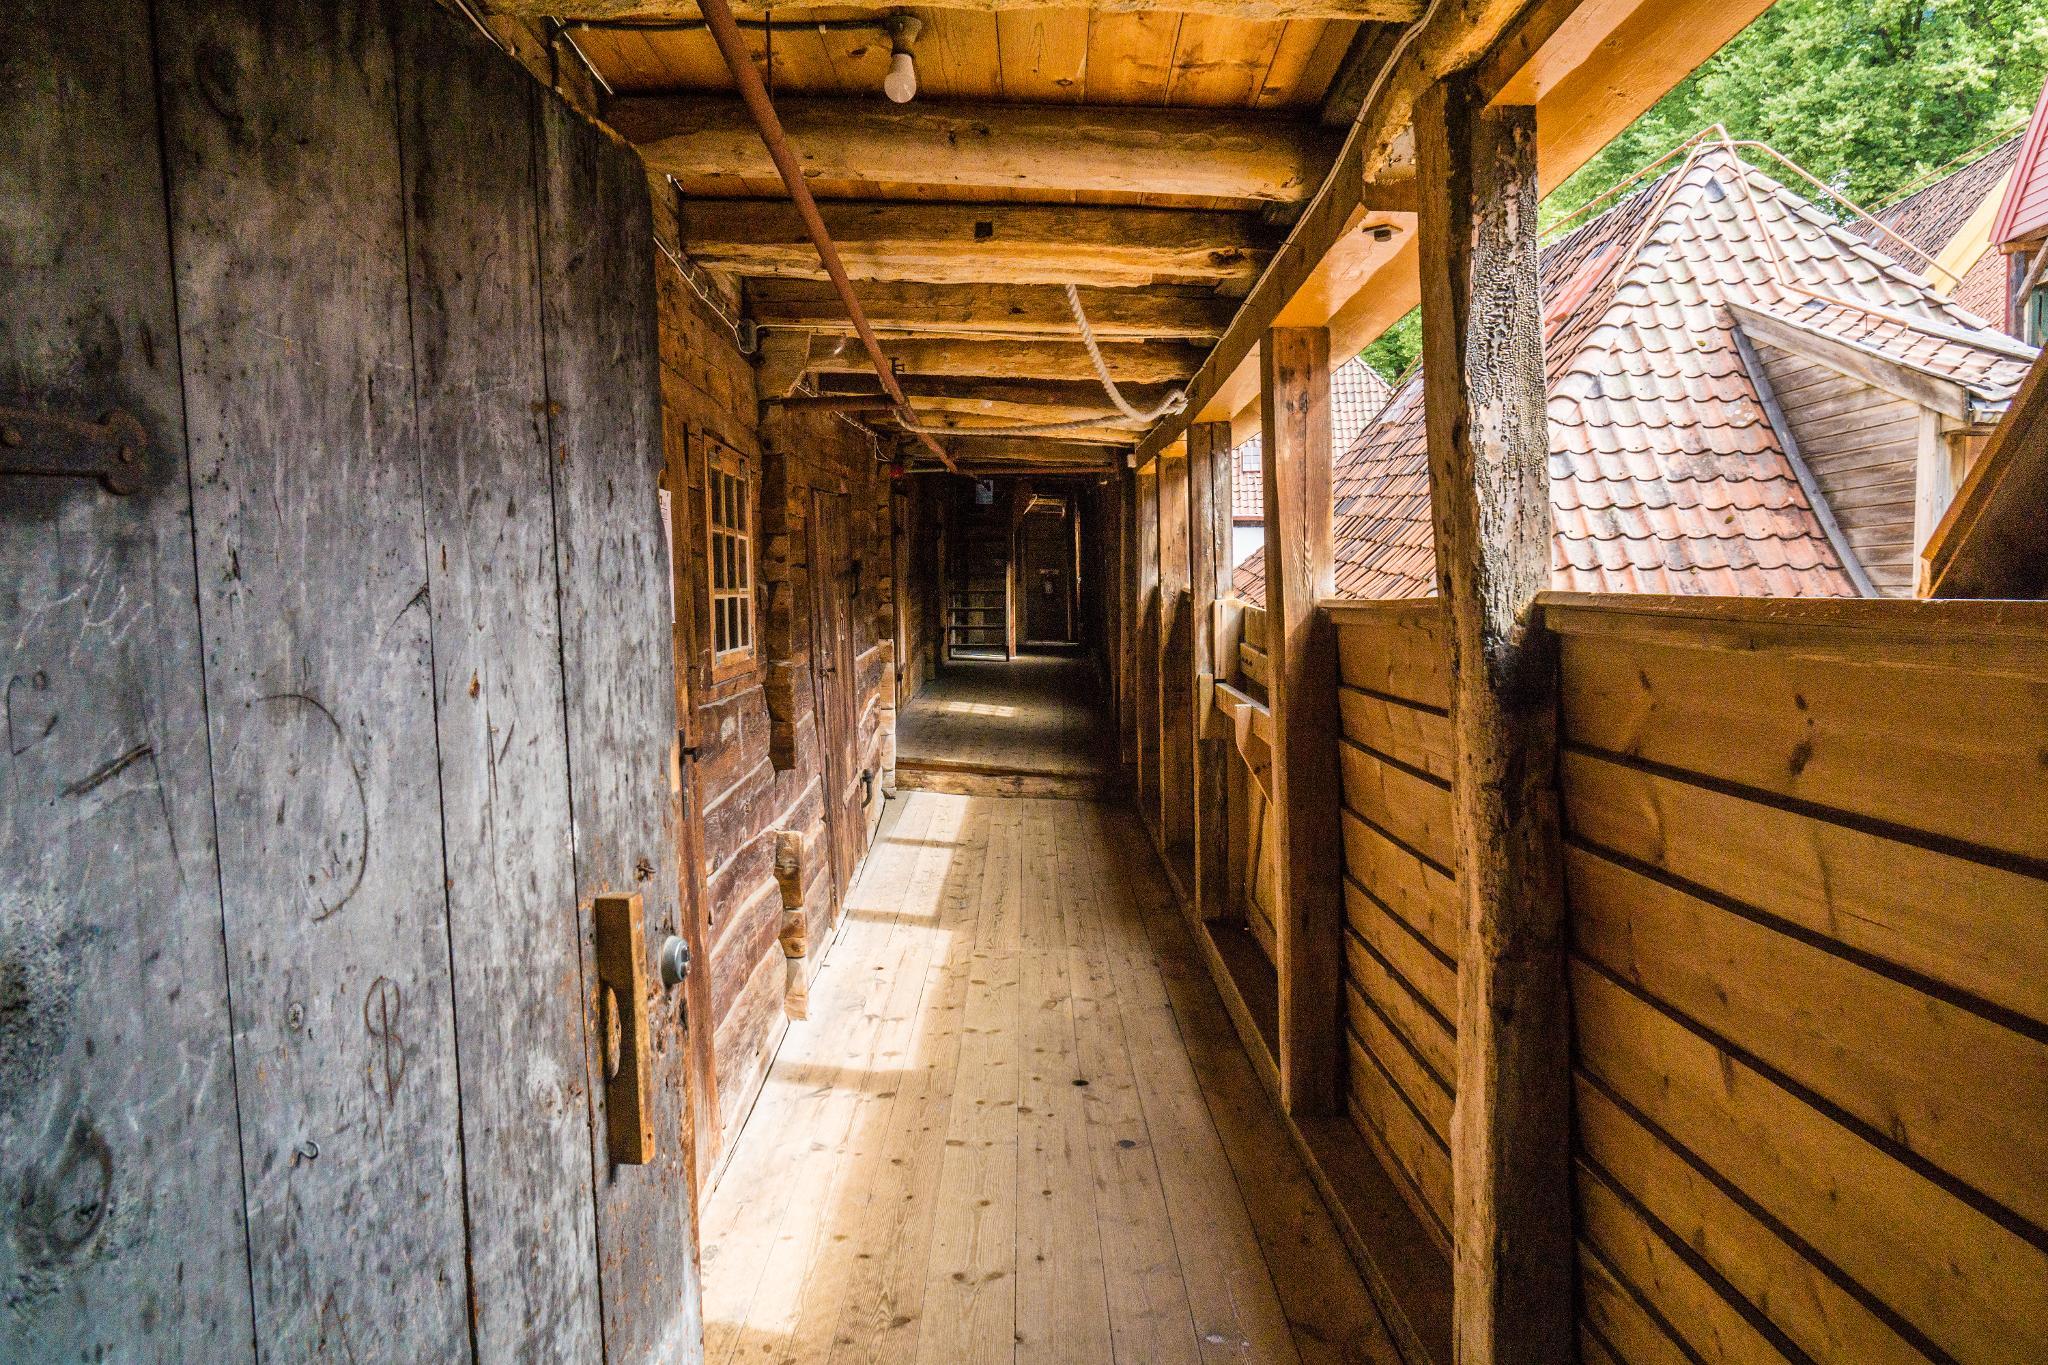 【卑爾根】Bryggen 世界遺產布呂根 — 迷失在百年歷史的挪威彩色木屋 23